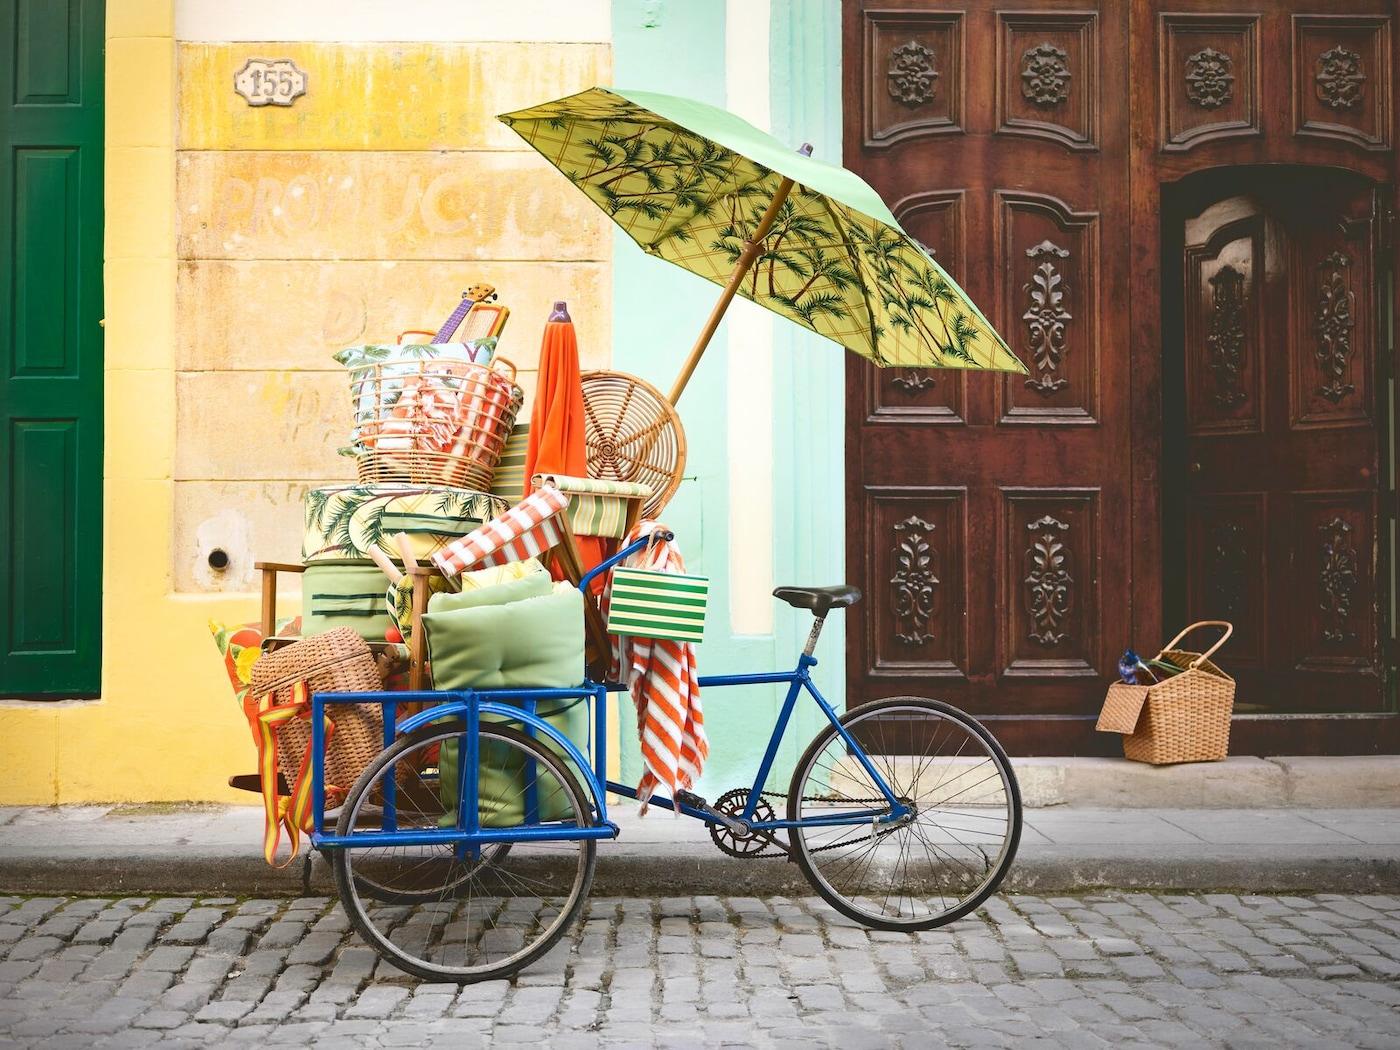 solblekt kollektion lastat på cykel